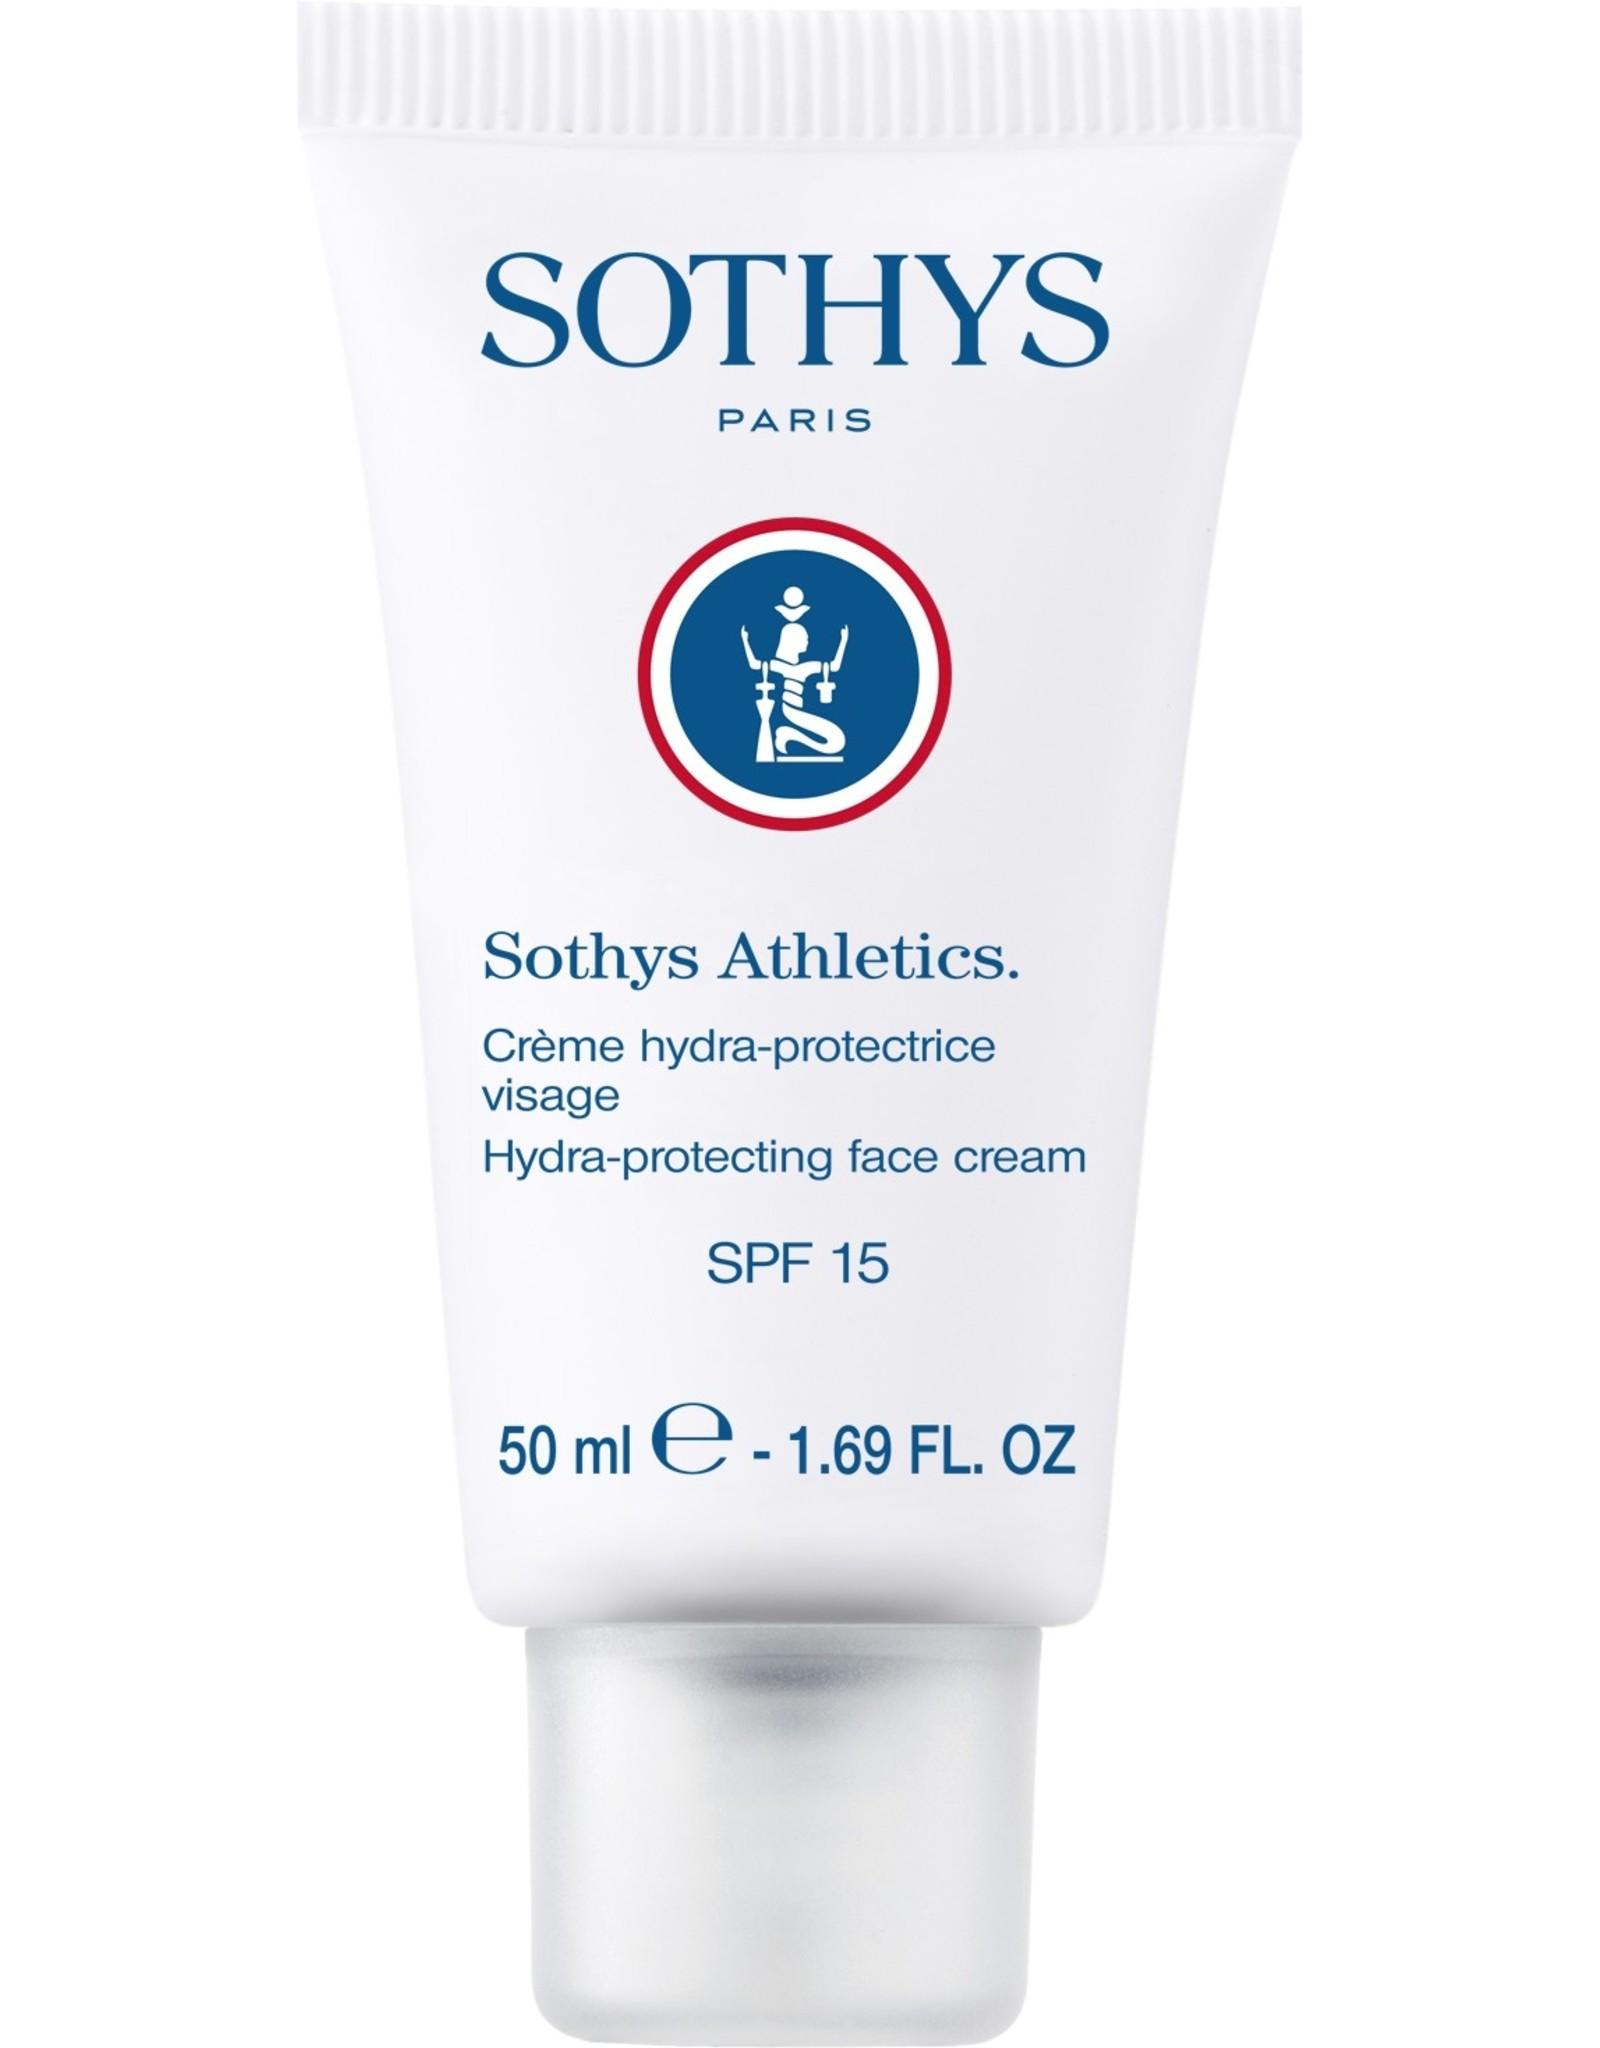 SOTHYS Feuchtigkeitsspendende, getönte Schutzcreme SPF 15 - Sothys